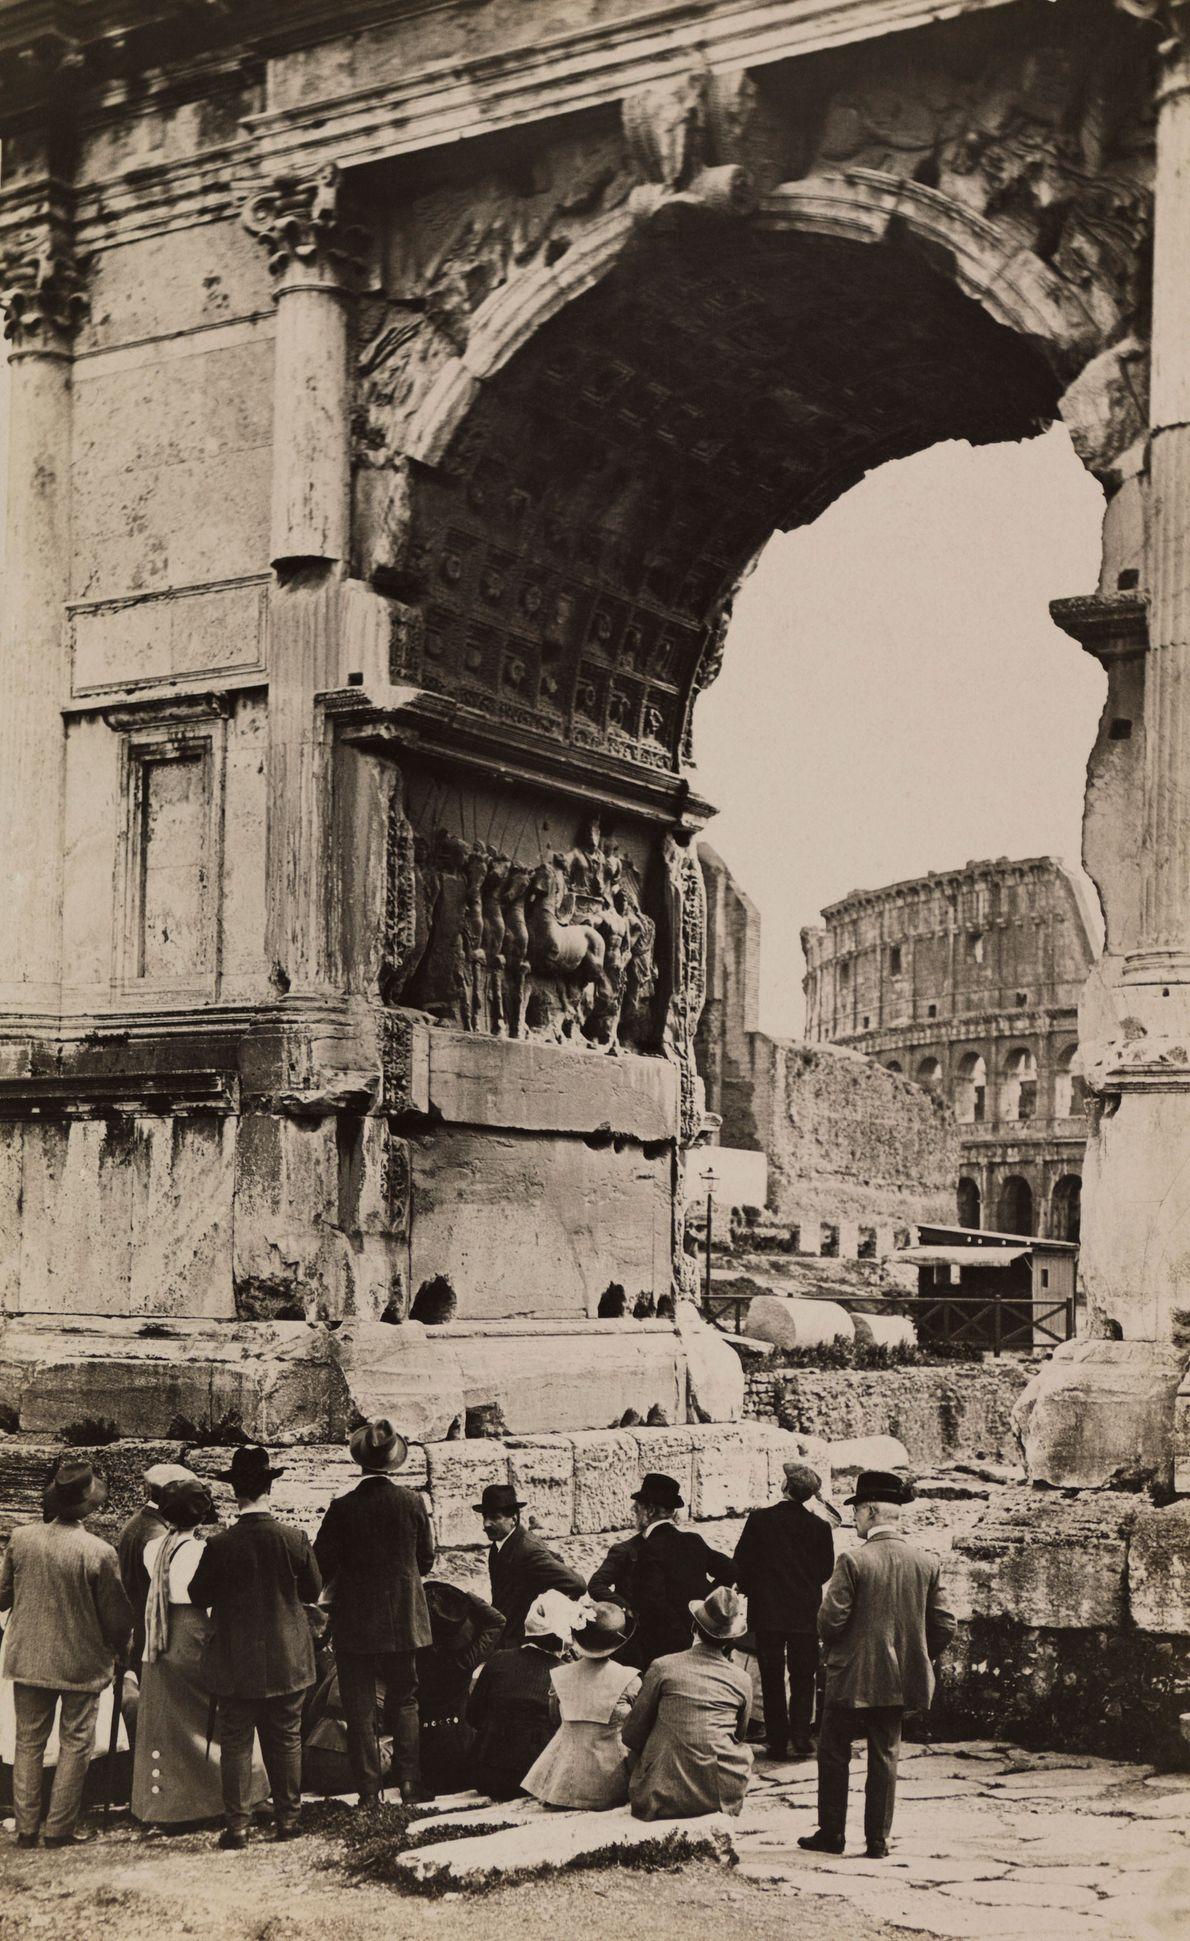 Rome, Italy: 1922